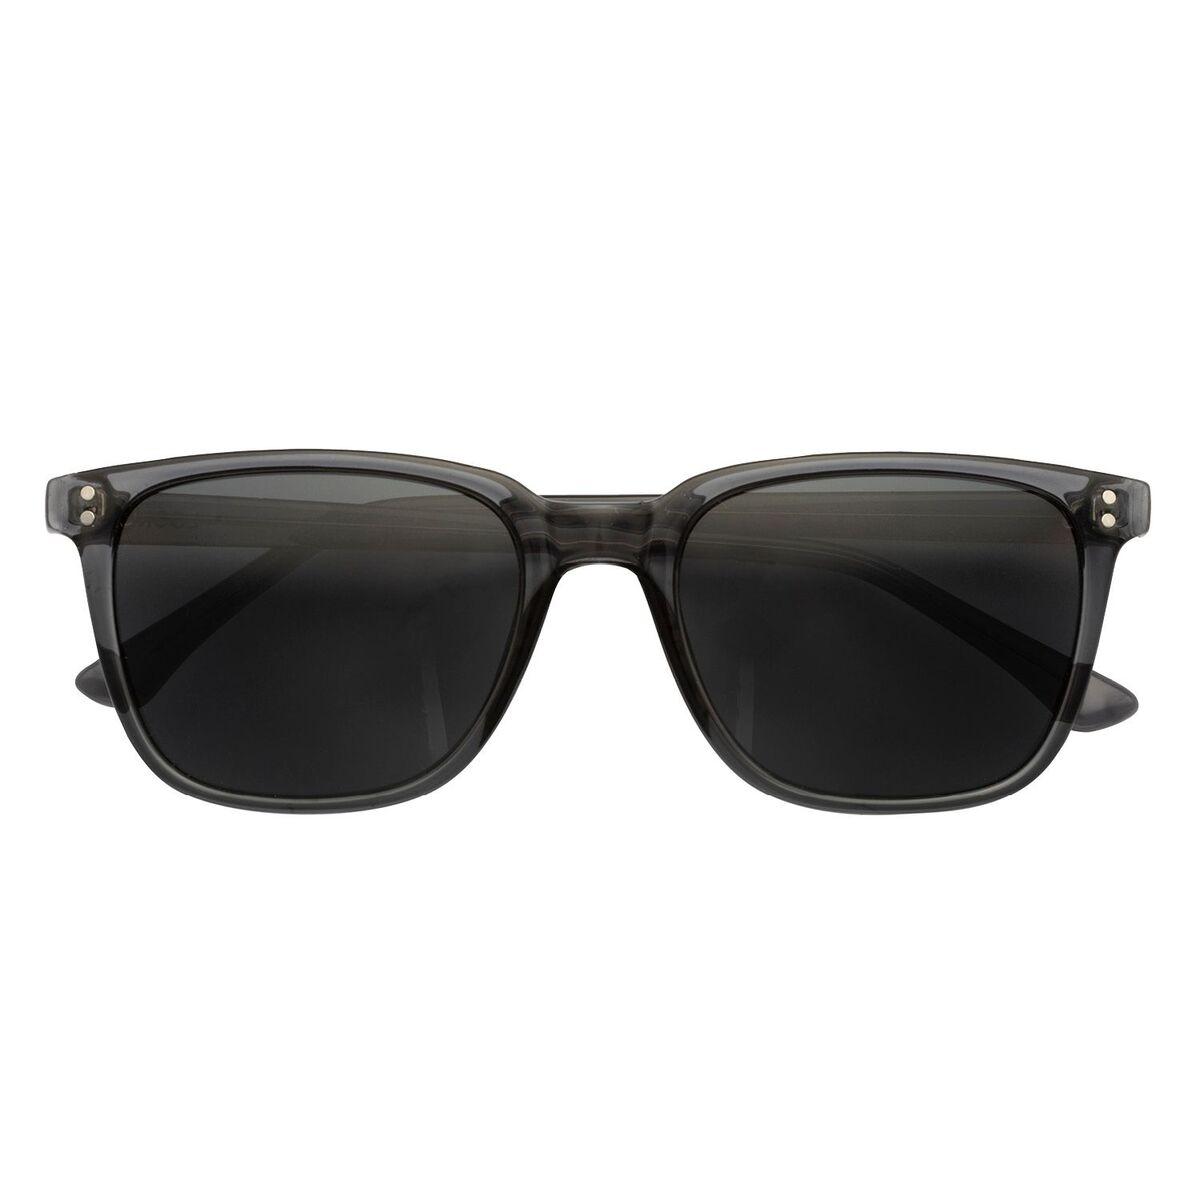 Bild 4 von LOOKS BY WOLFGANG JOOP Sonnenbrille mit Brillenbeutel